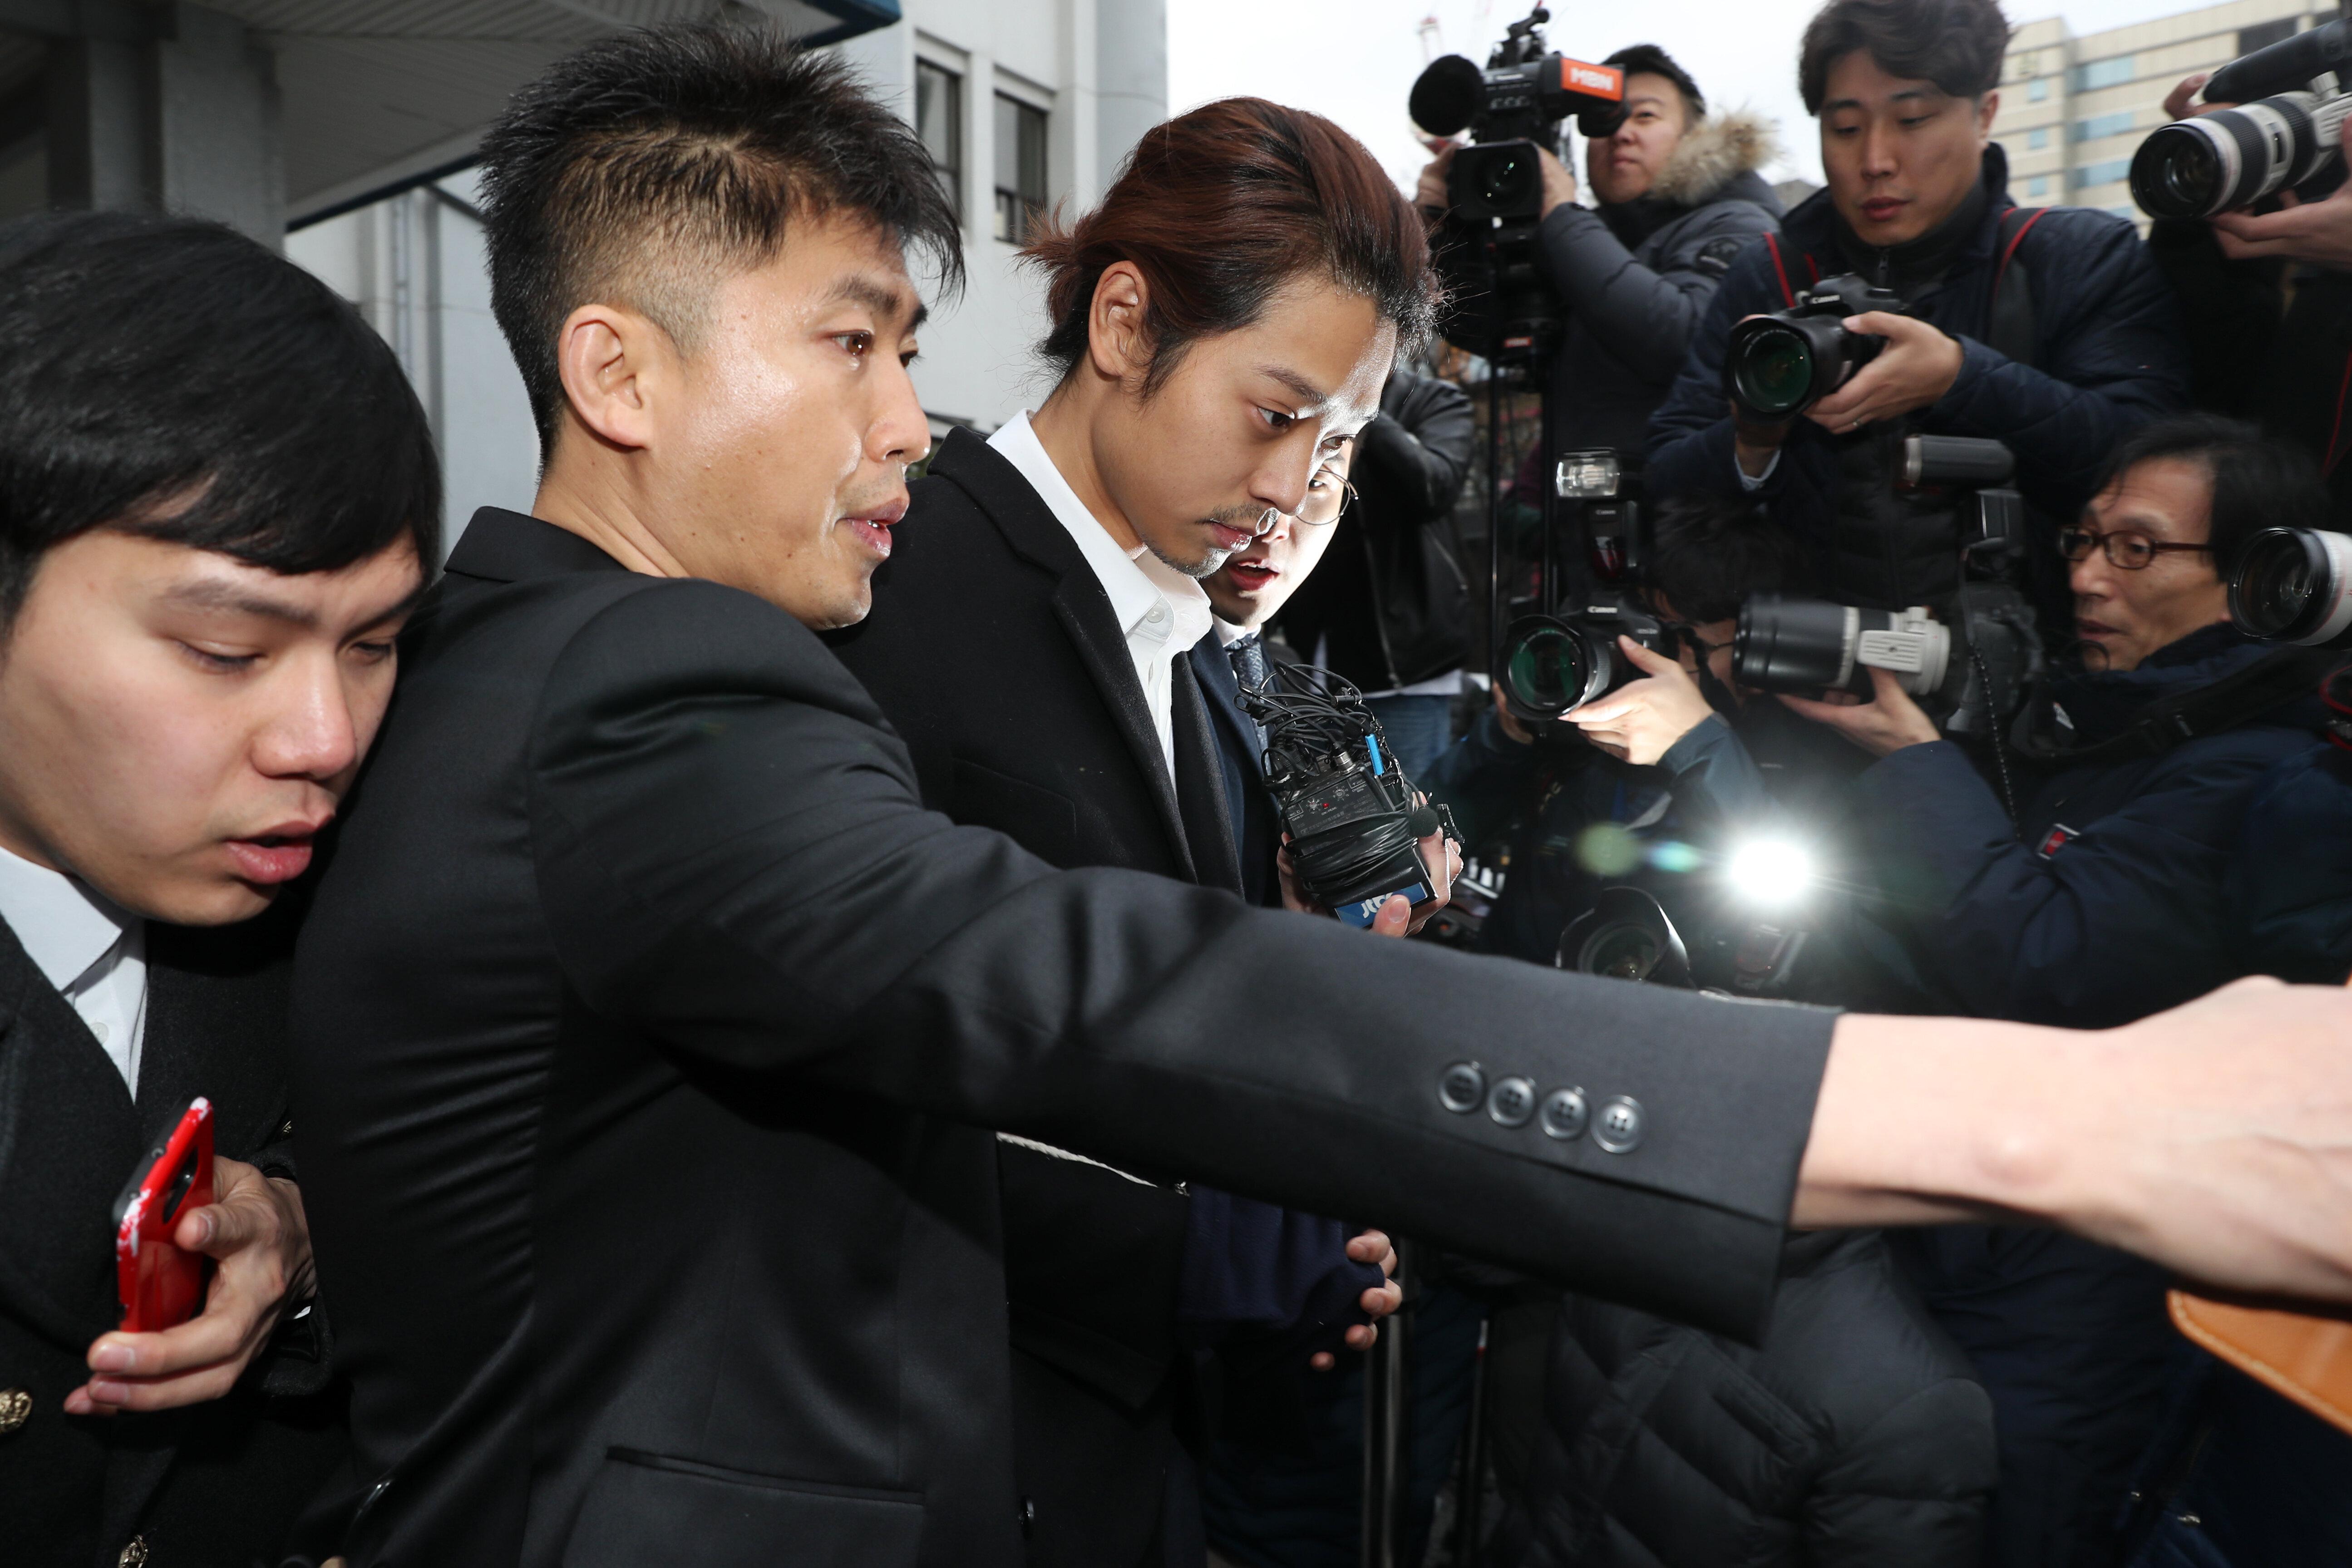 '정준영 단톡방 성폭행' 피해자가 7명으로